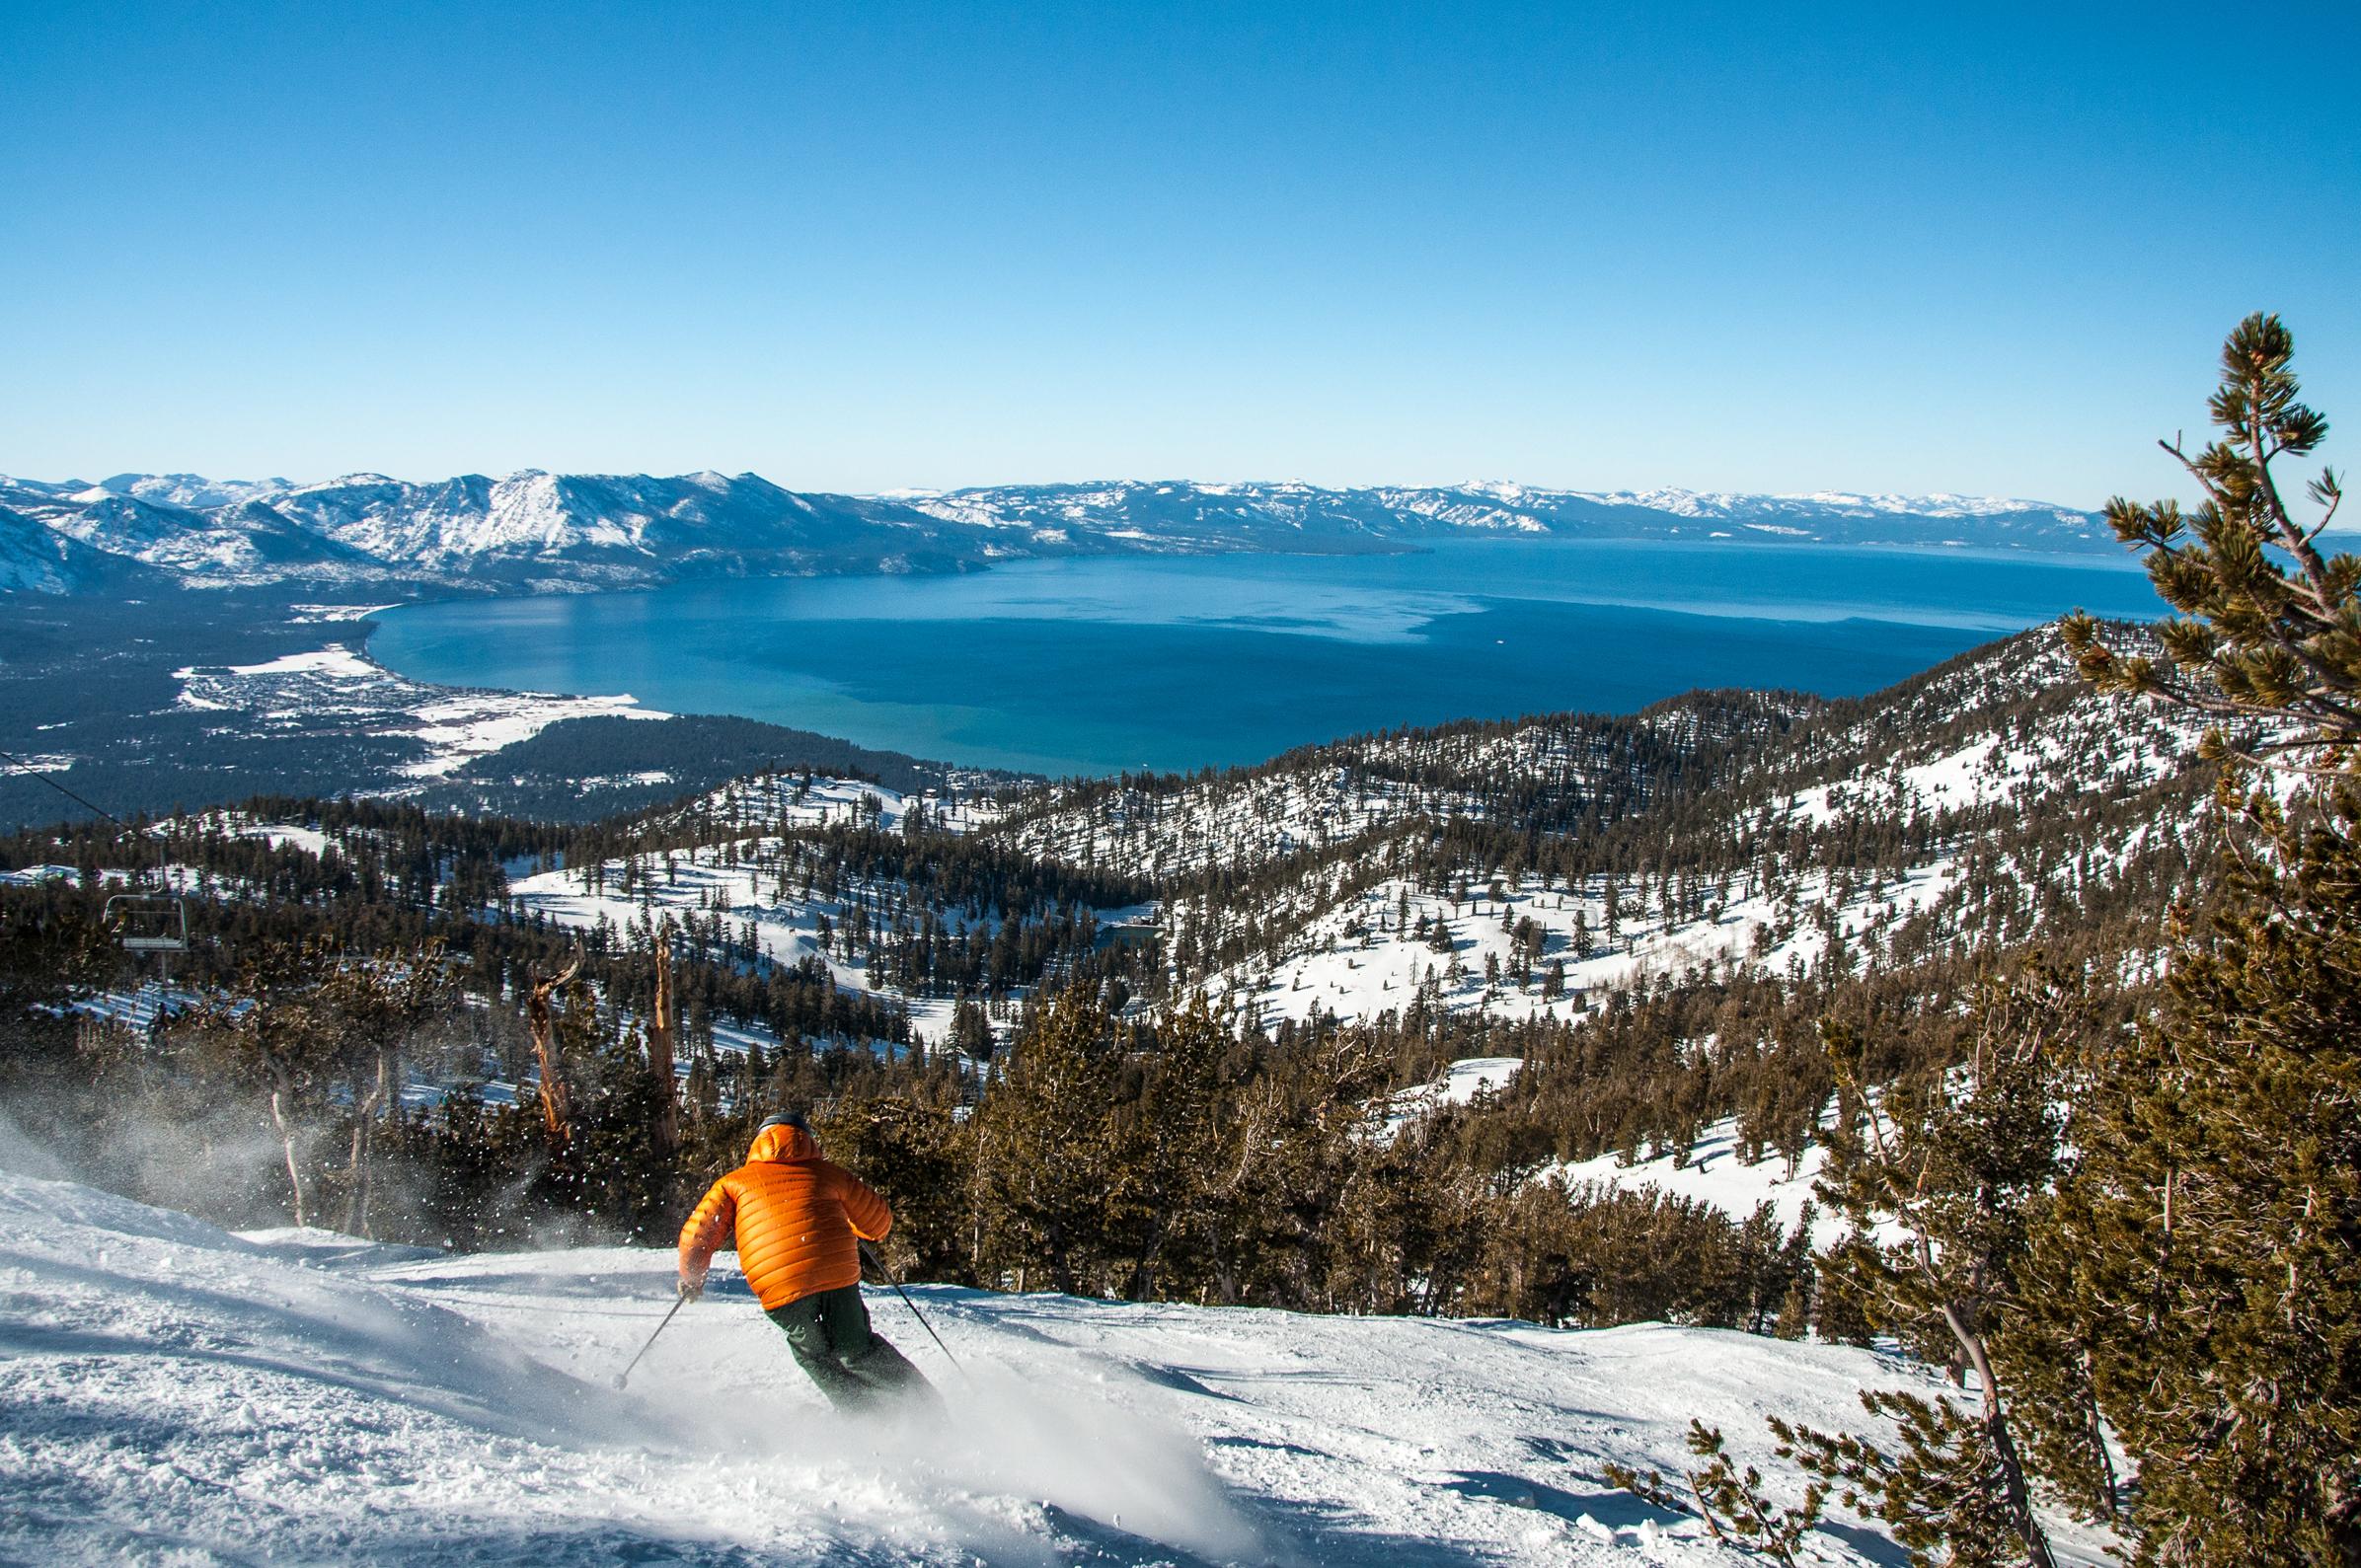 Family Skiing in Heavenly, Lake Tahoe